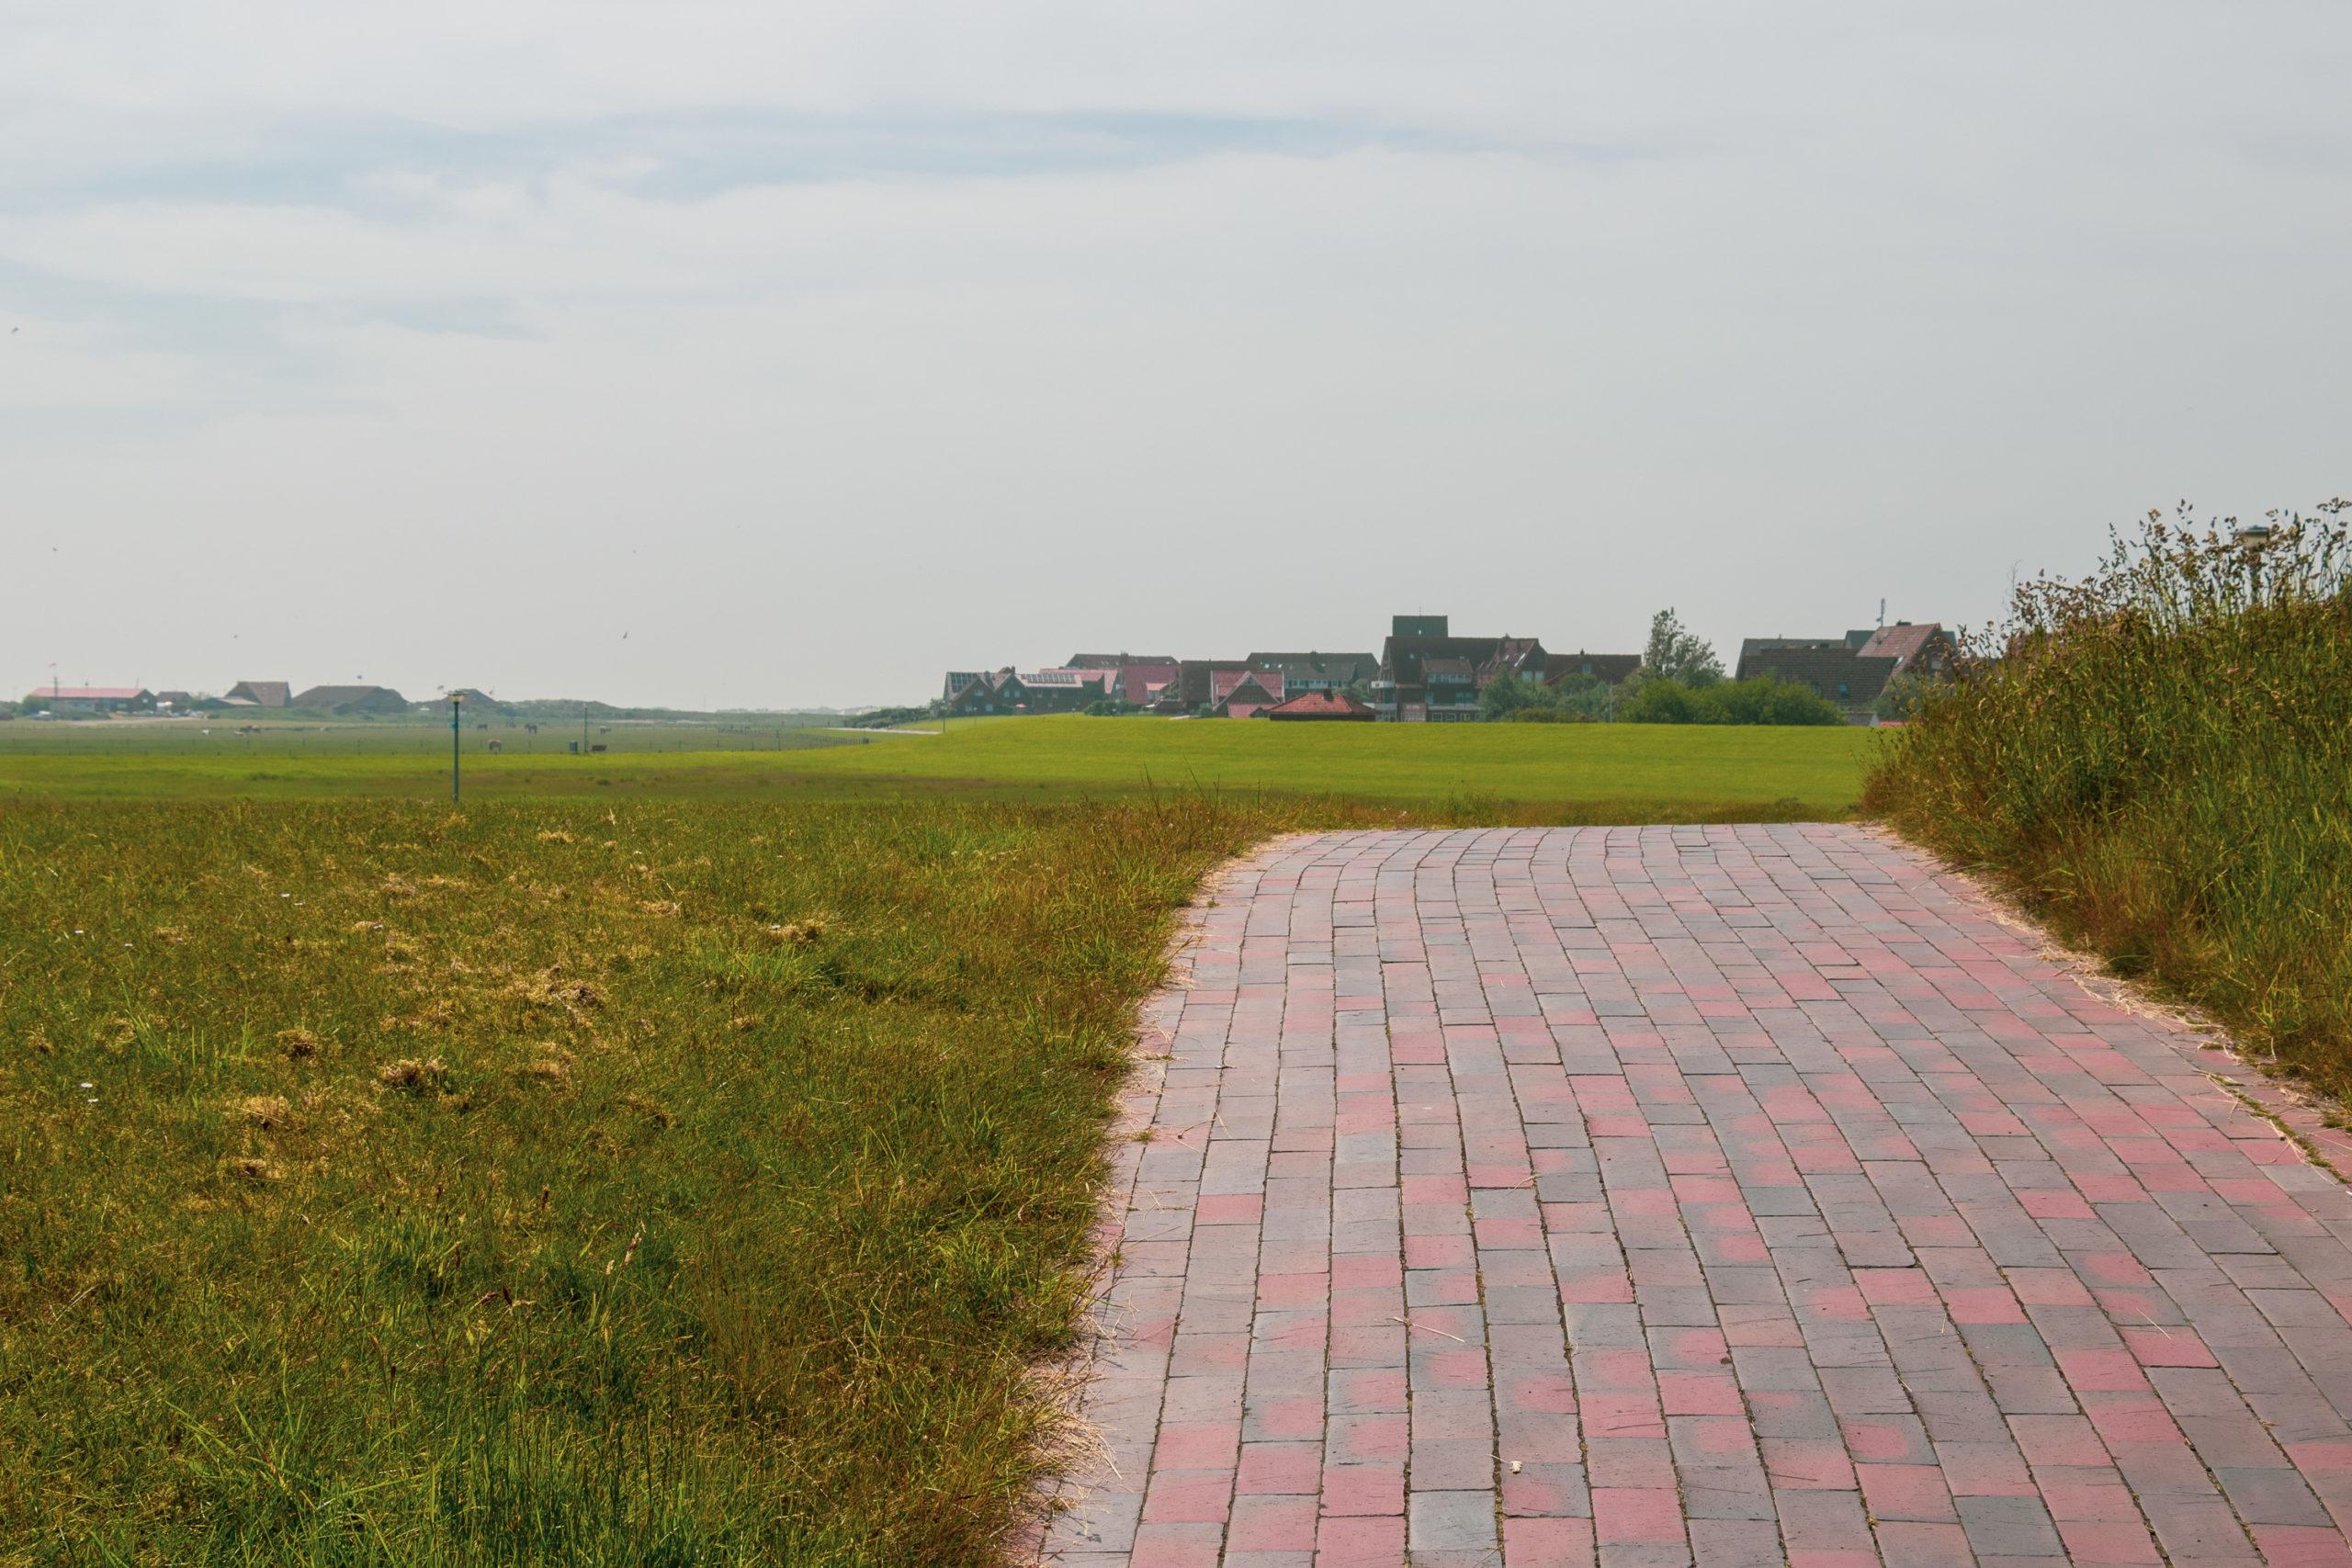 Ein mit roten Steinen gepflasteter Weg, links eine Wiese, rechts höheres Gras. Im Hintergrund ist ein Dorf zu erkennen.